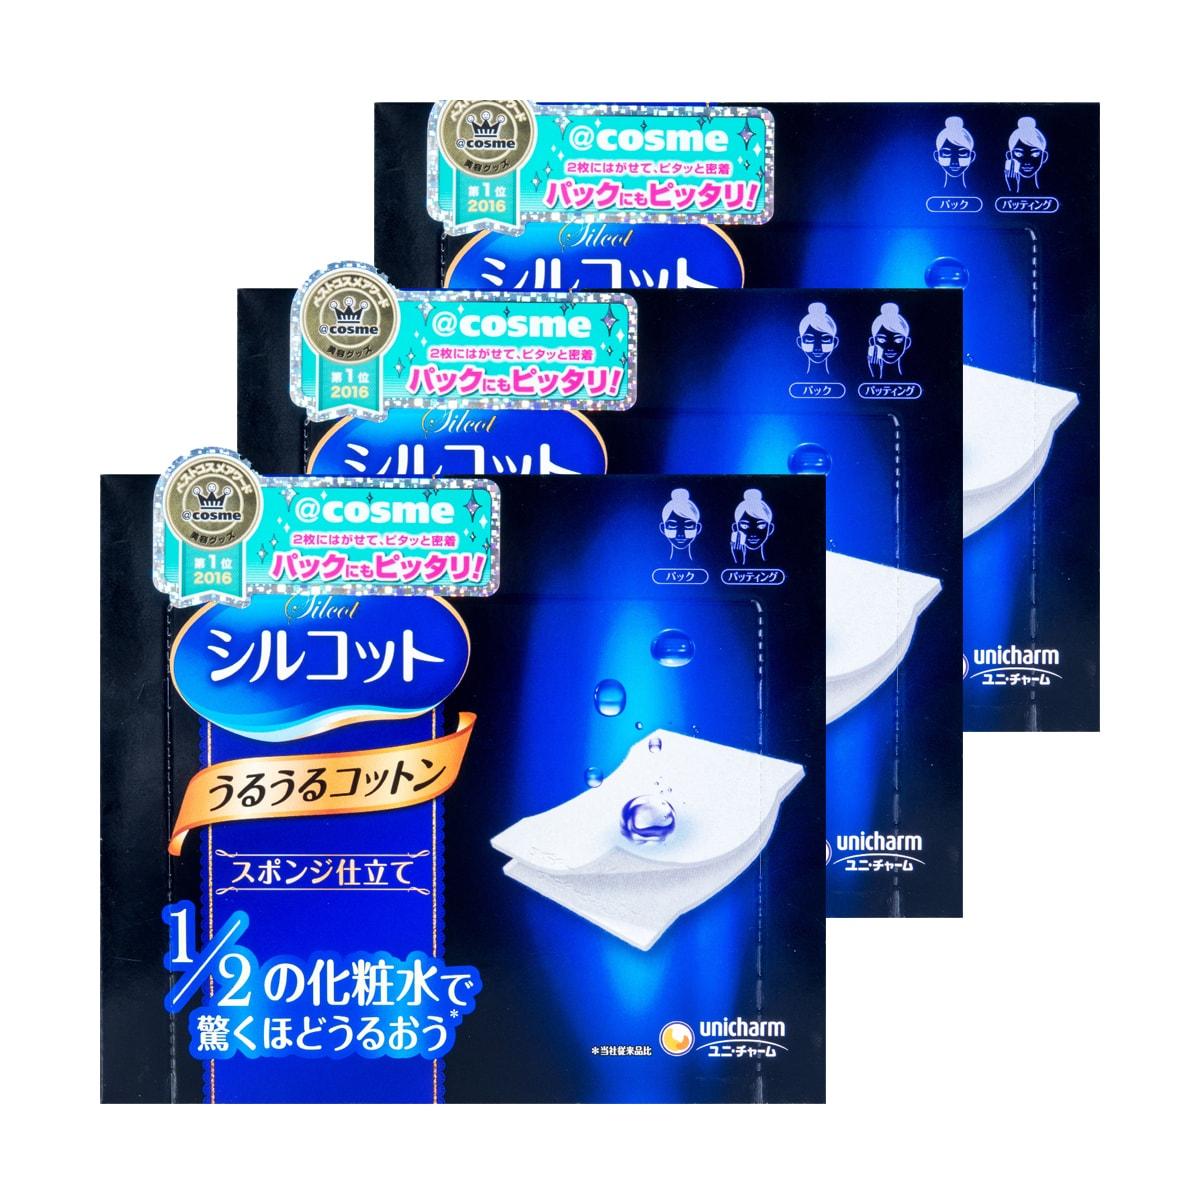 日本UNICHARM尤妮佳 1/2省水超吸收化妆棉 40枚入 COSME大赏第一位 3盒入 怎么样 - 亚米网